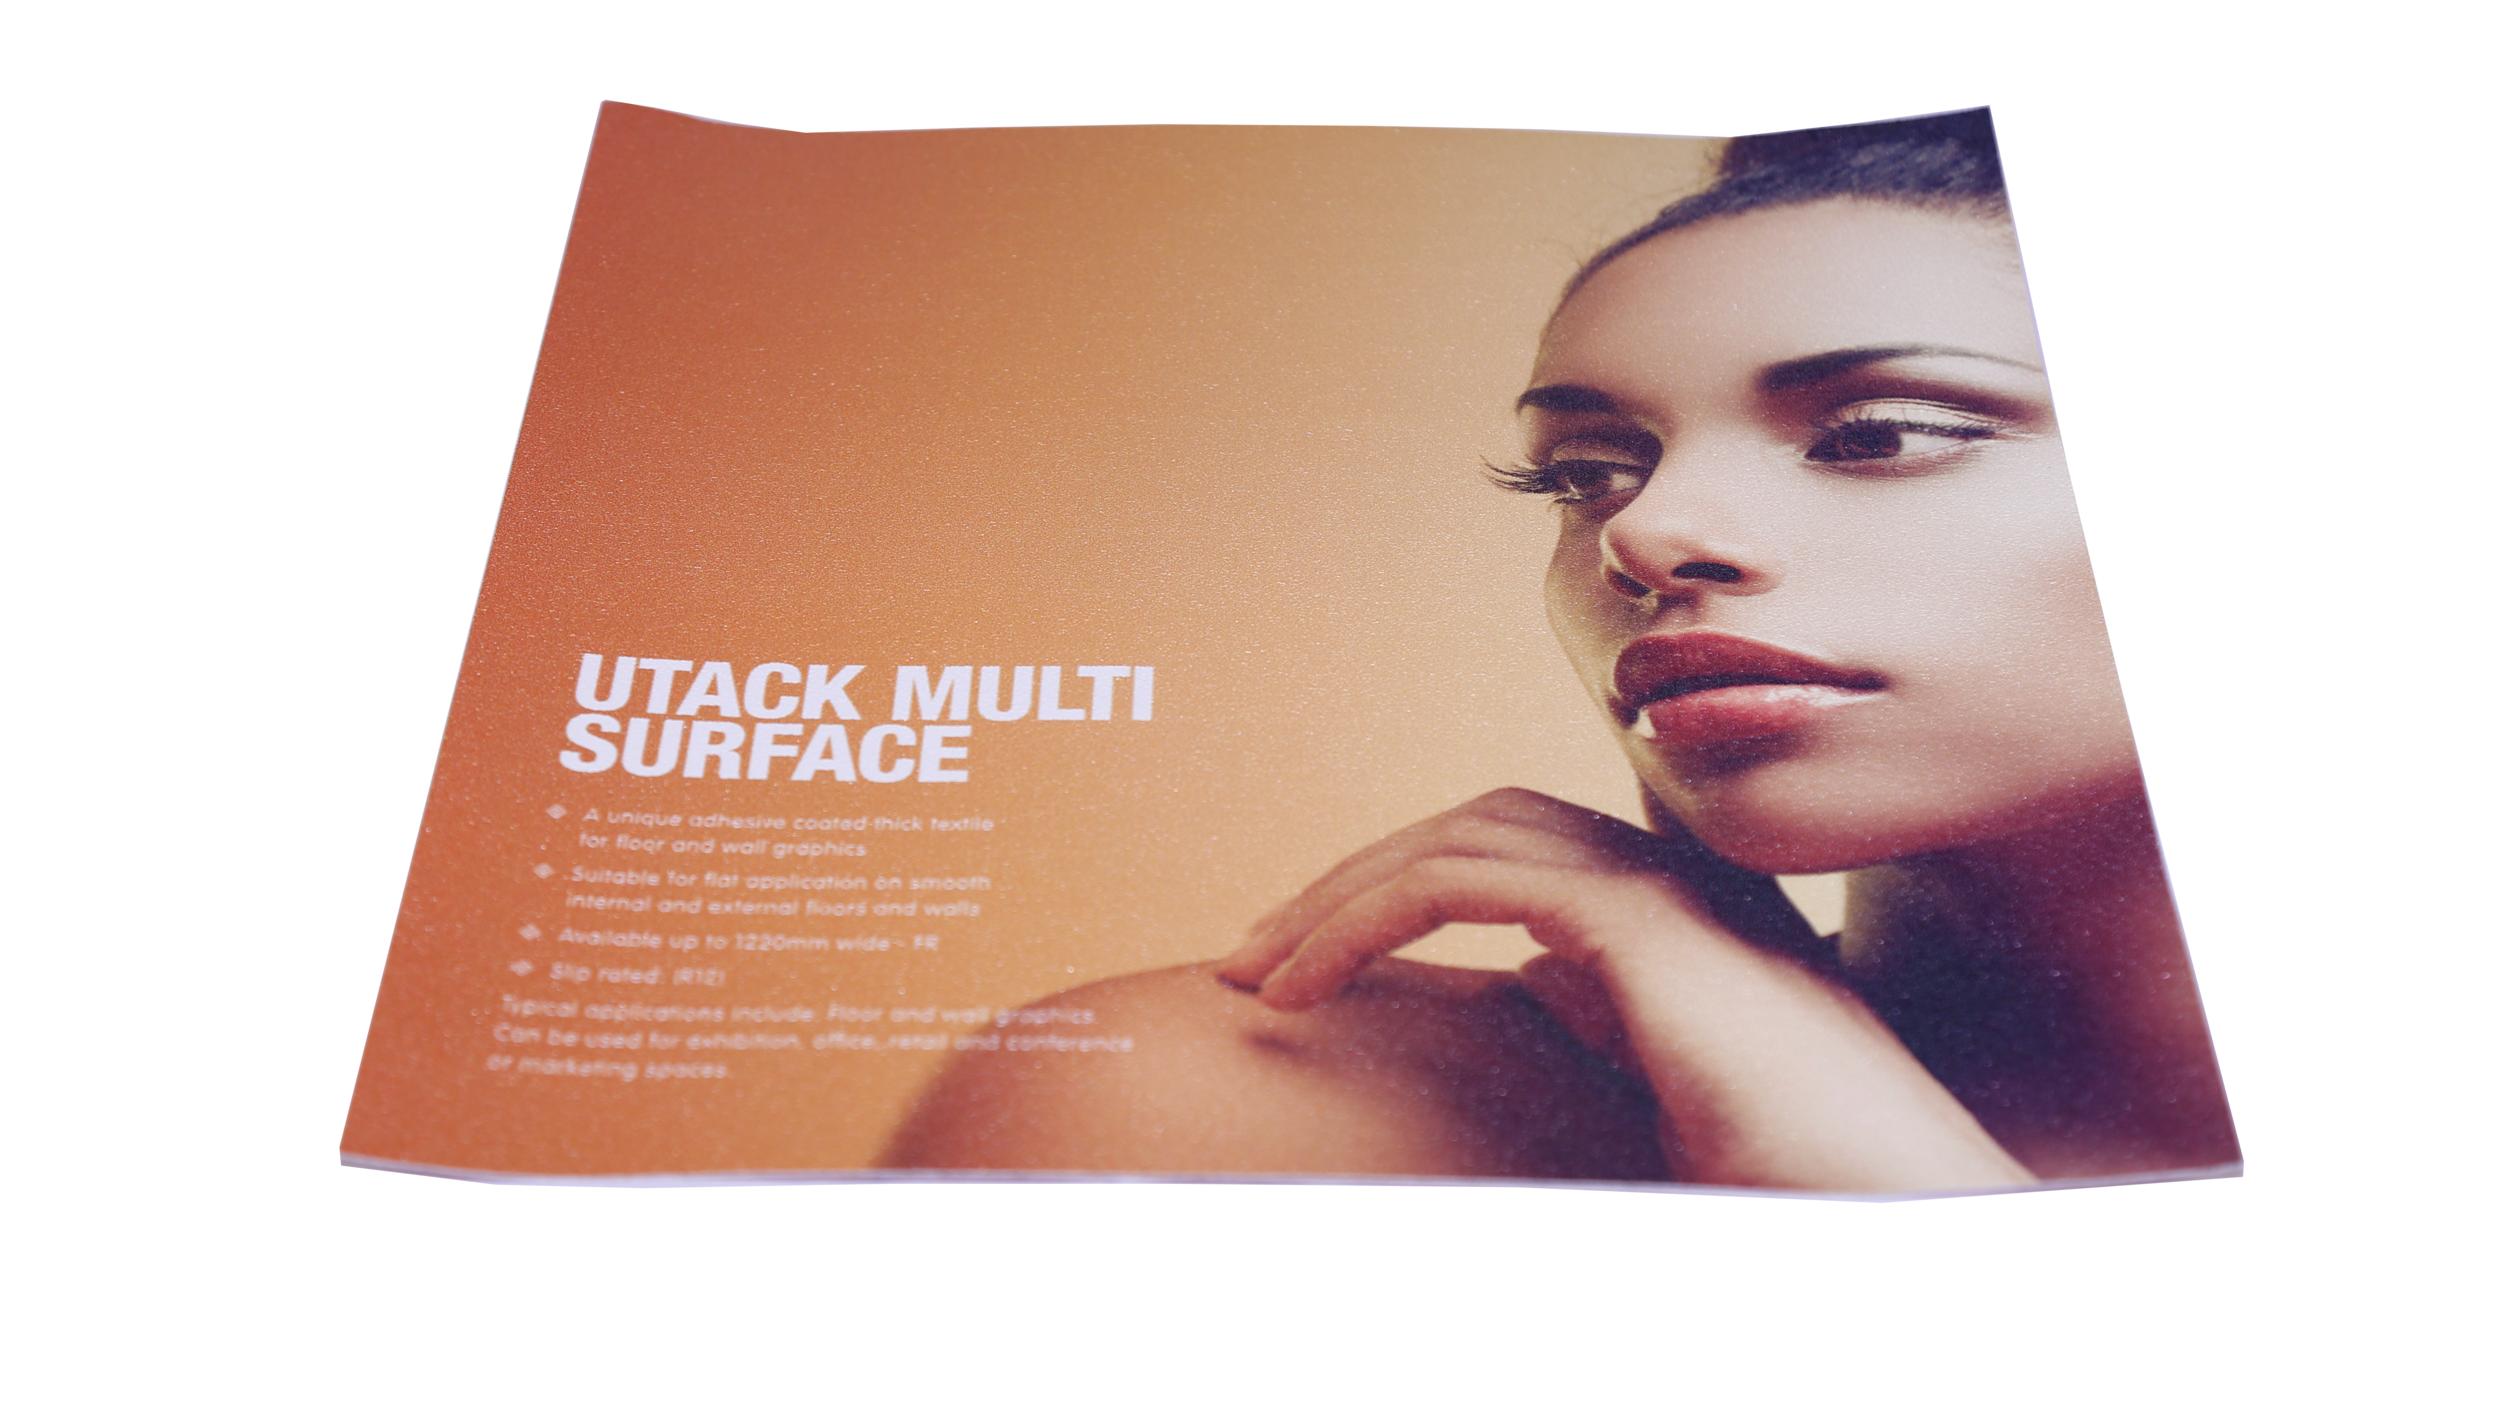 Utack Mutli surface.png